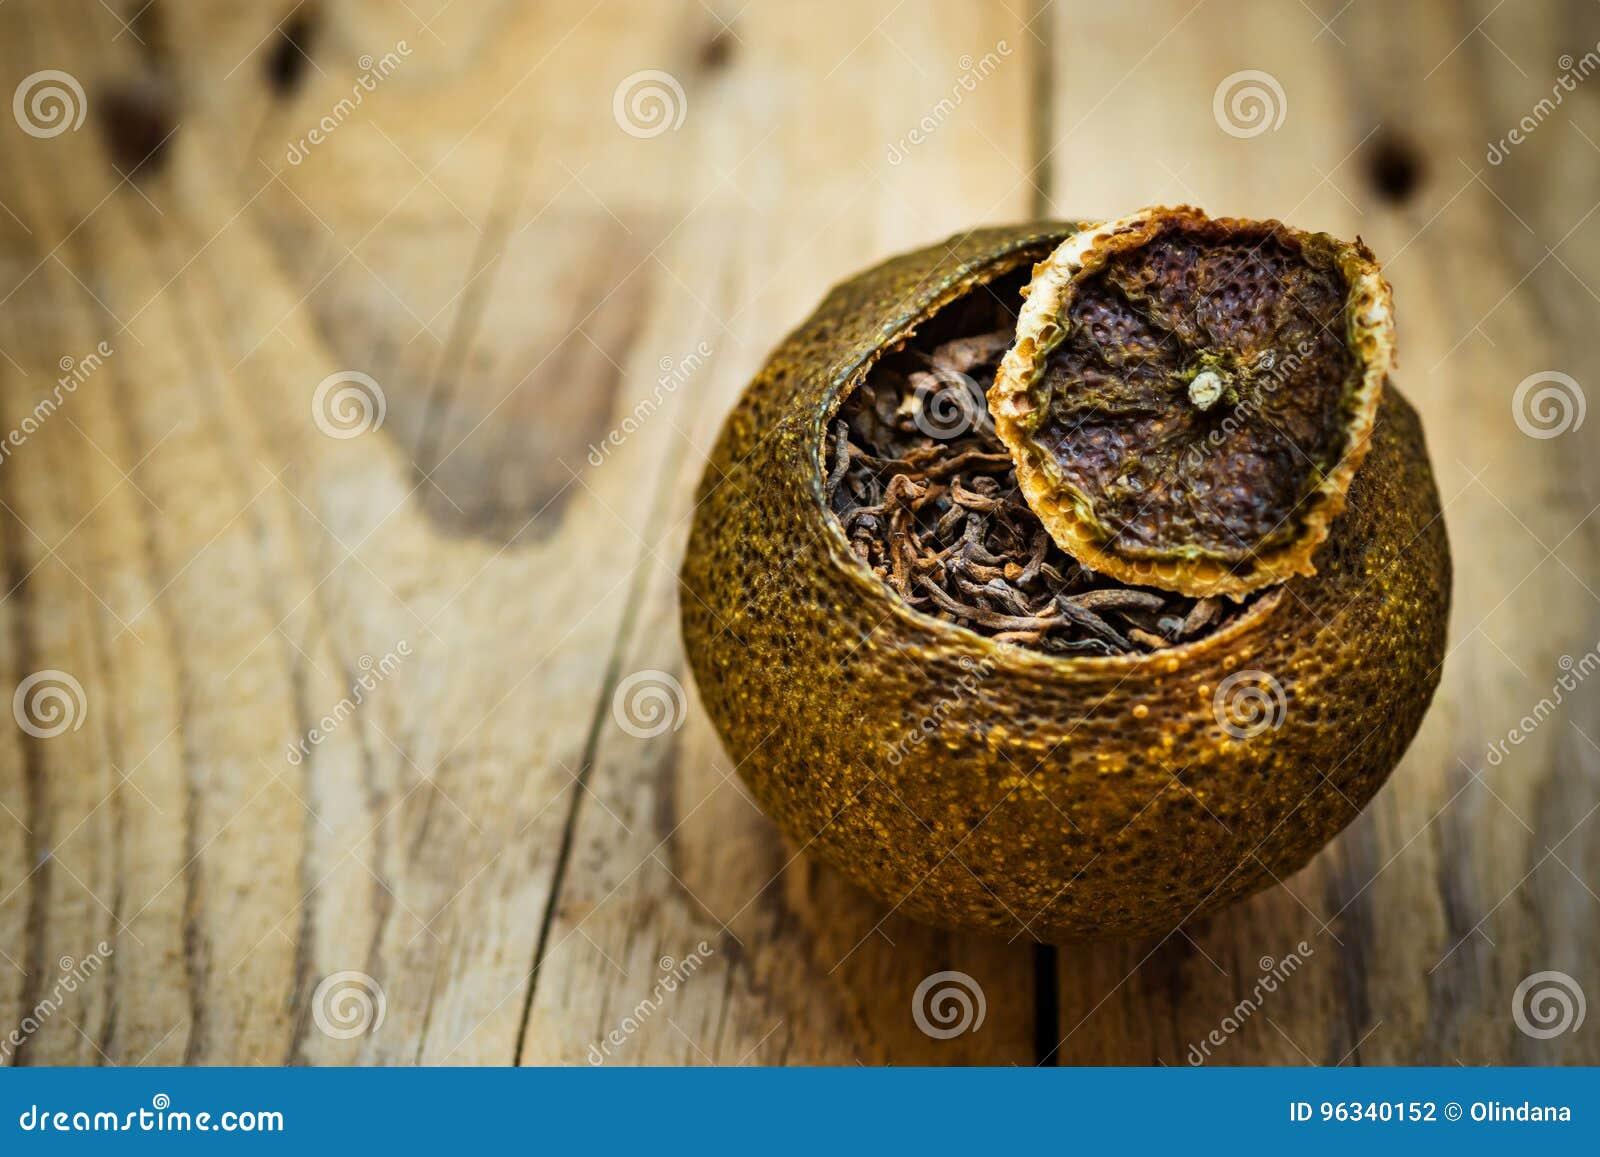 Το ηλικίας ζυμωνομμένο μαύρο κινεζικό τσάι puer σε μια tangerine φλούδα με το καπάκι, ξεπερασμένο ξύλινο υπόβαθρο, κλείνει επάνω